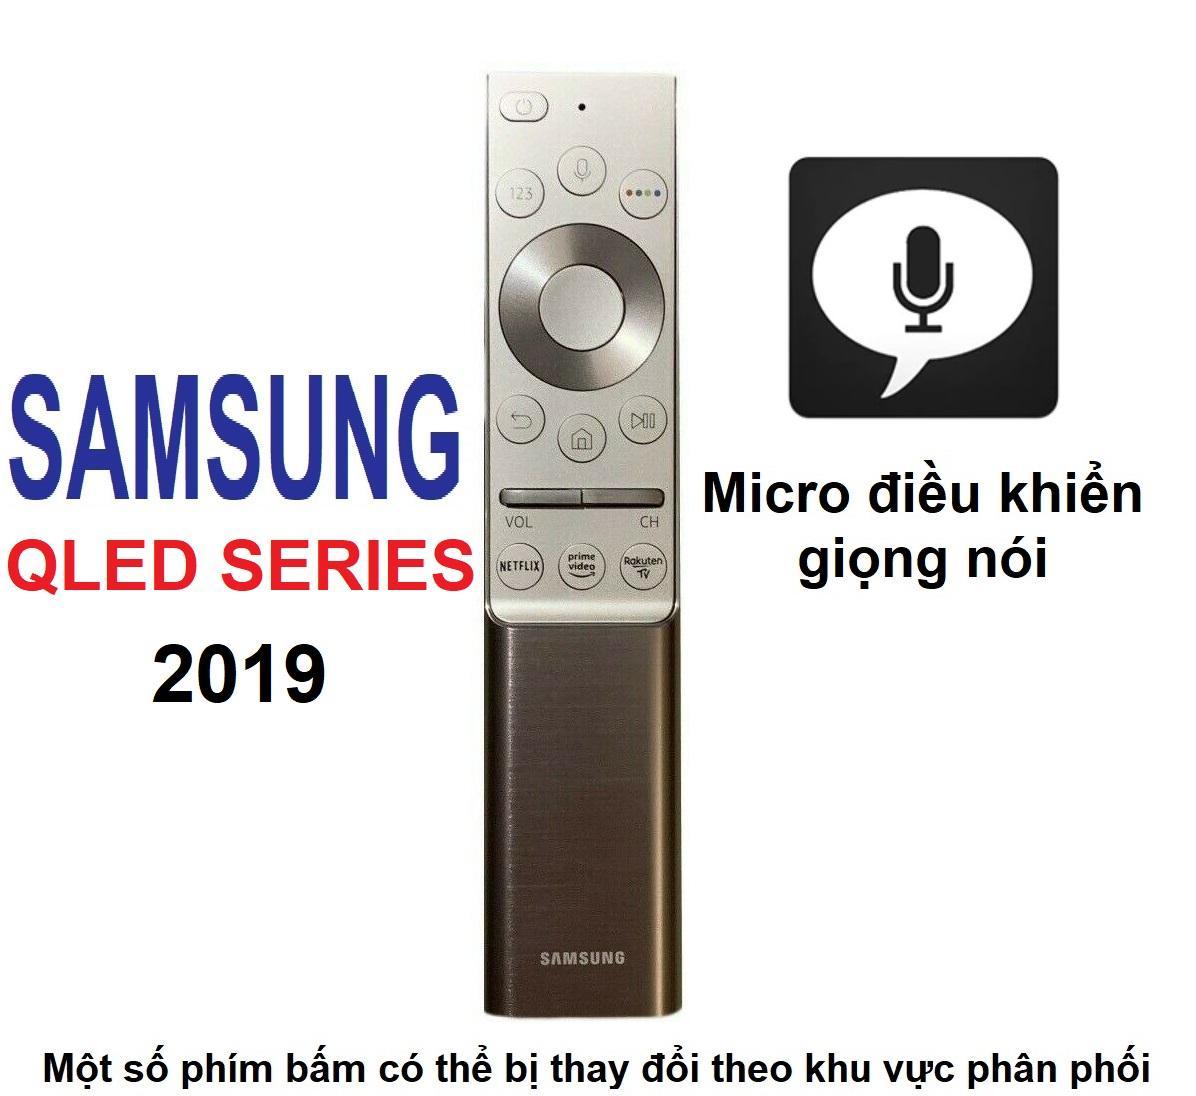 Remote điều khiển tivi SAMSUNG QLED 2019 (Bạc - Micro điều khiển giọng nói)